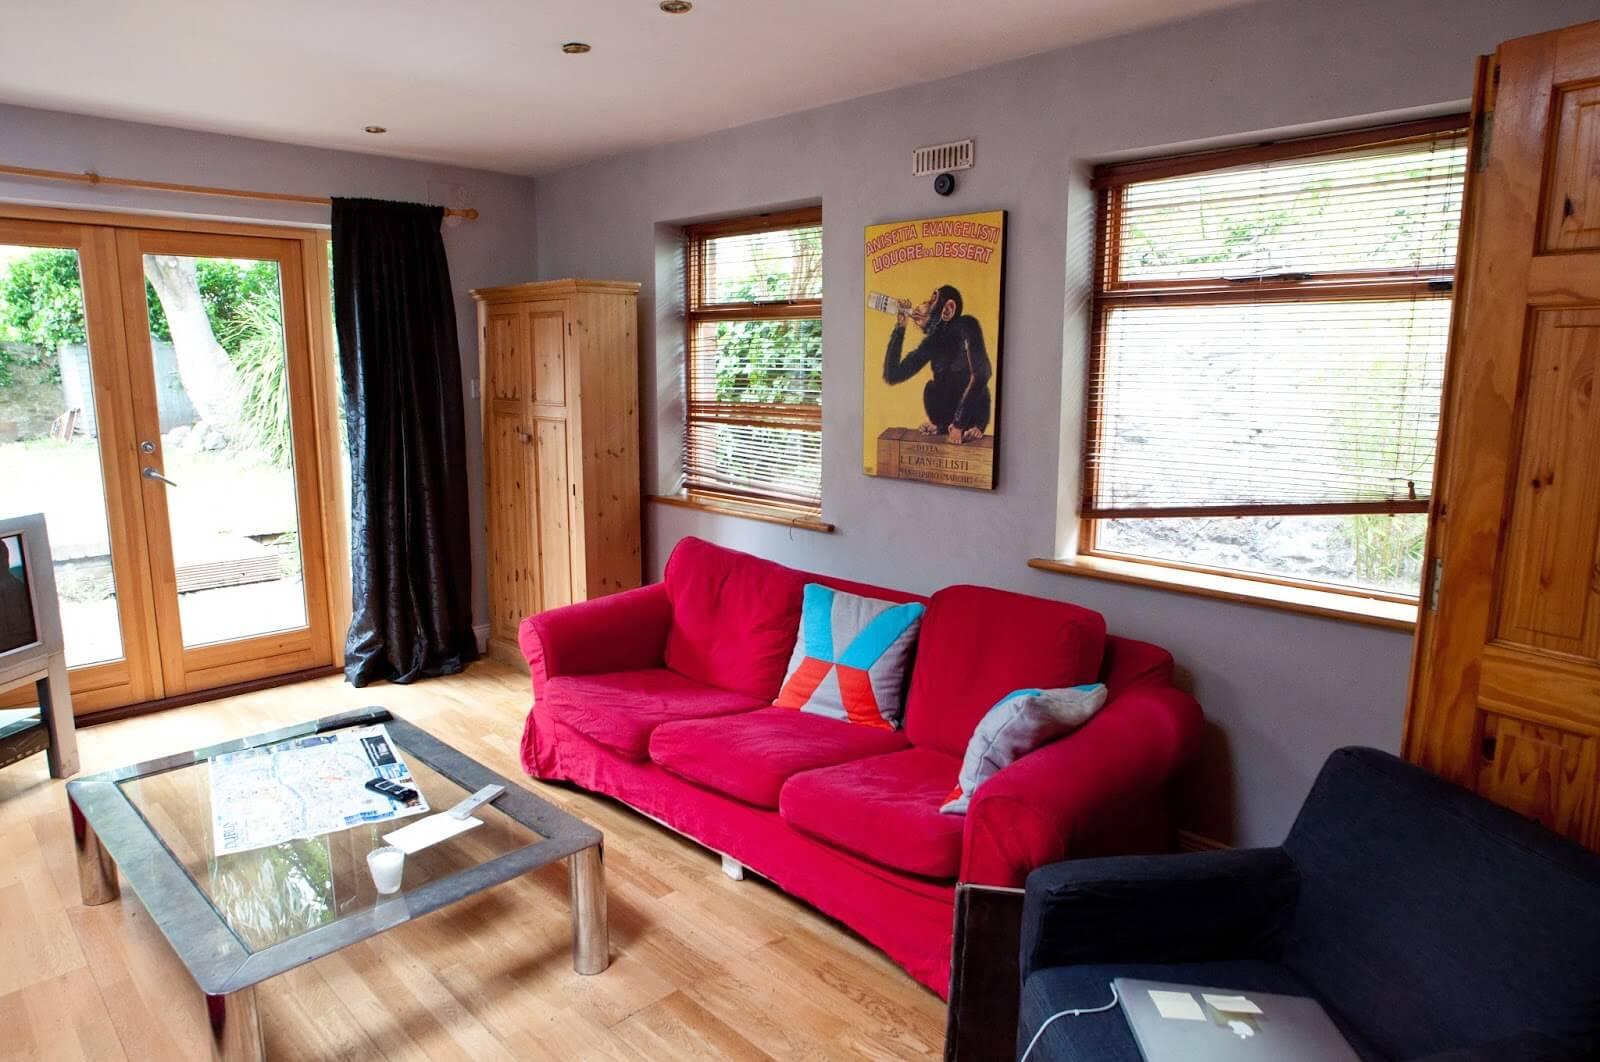 The living room stint ireland for Living room dublin